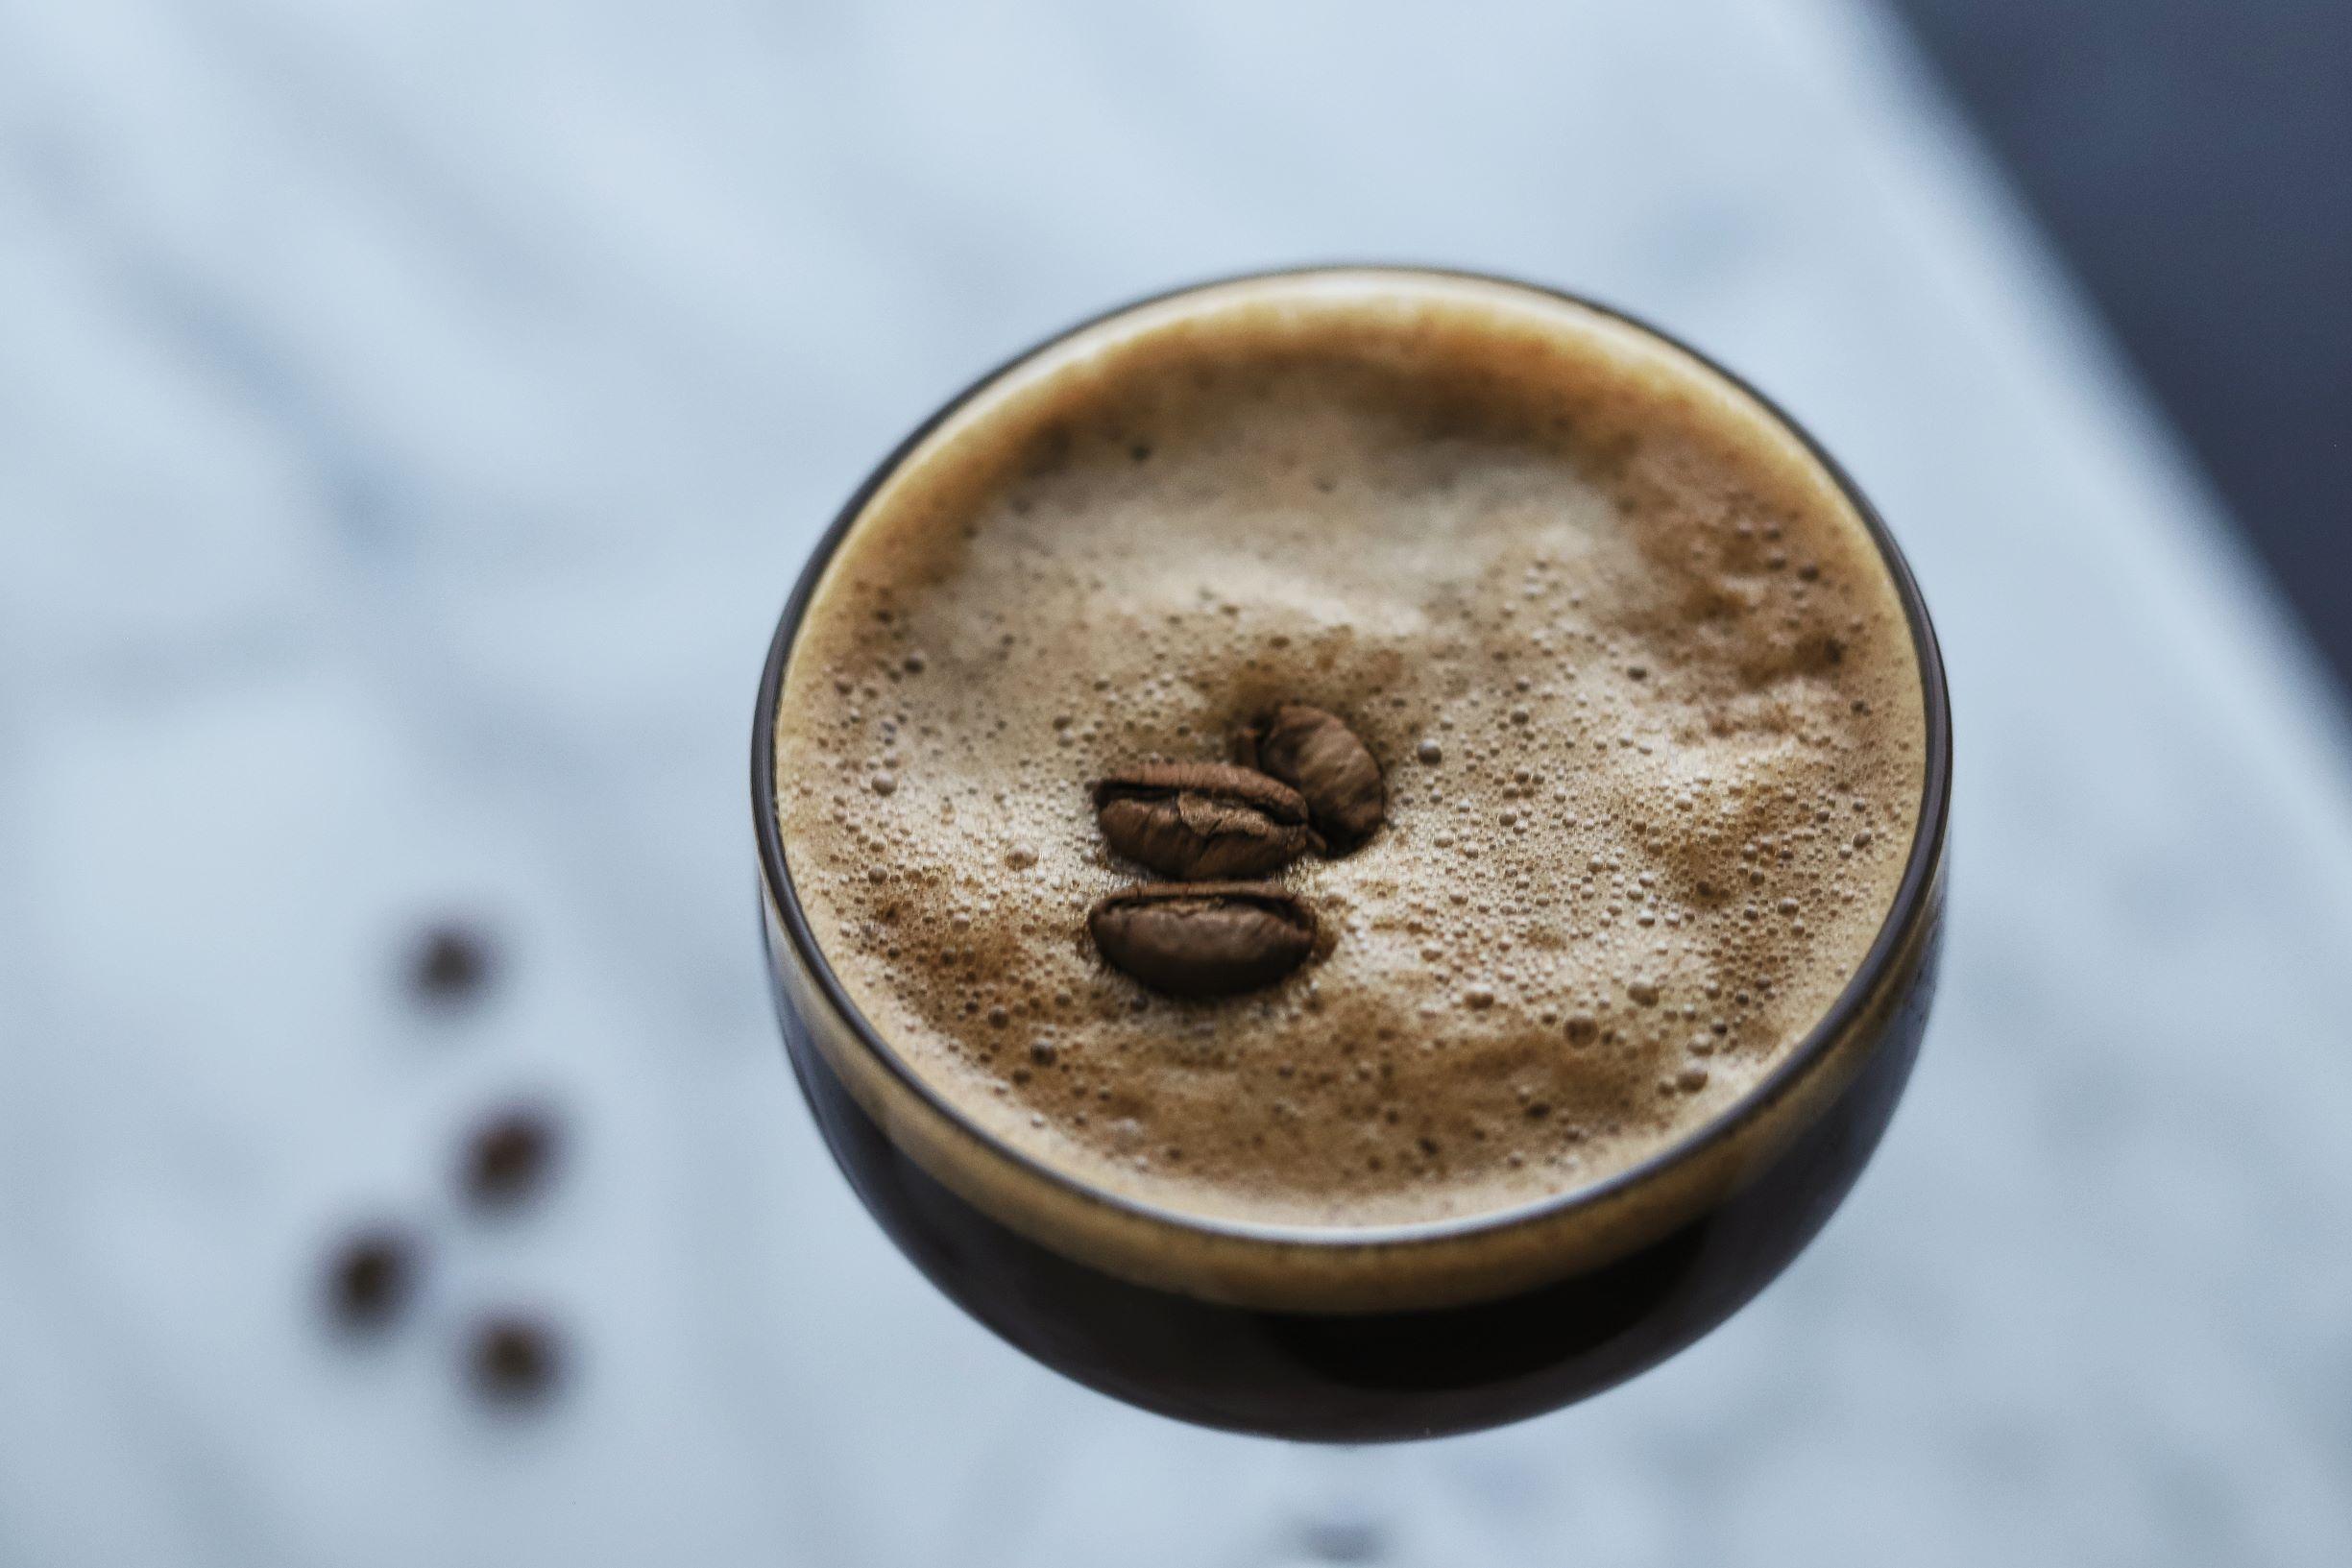 LeClair Organics coffee roaster, liberica coffee, amaro nonio quintessentia espresso martini 4